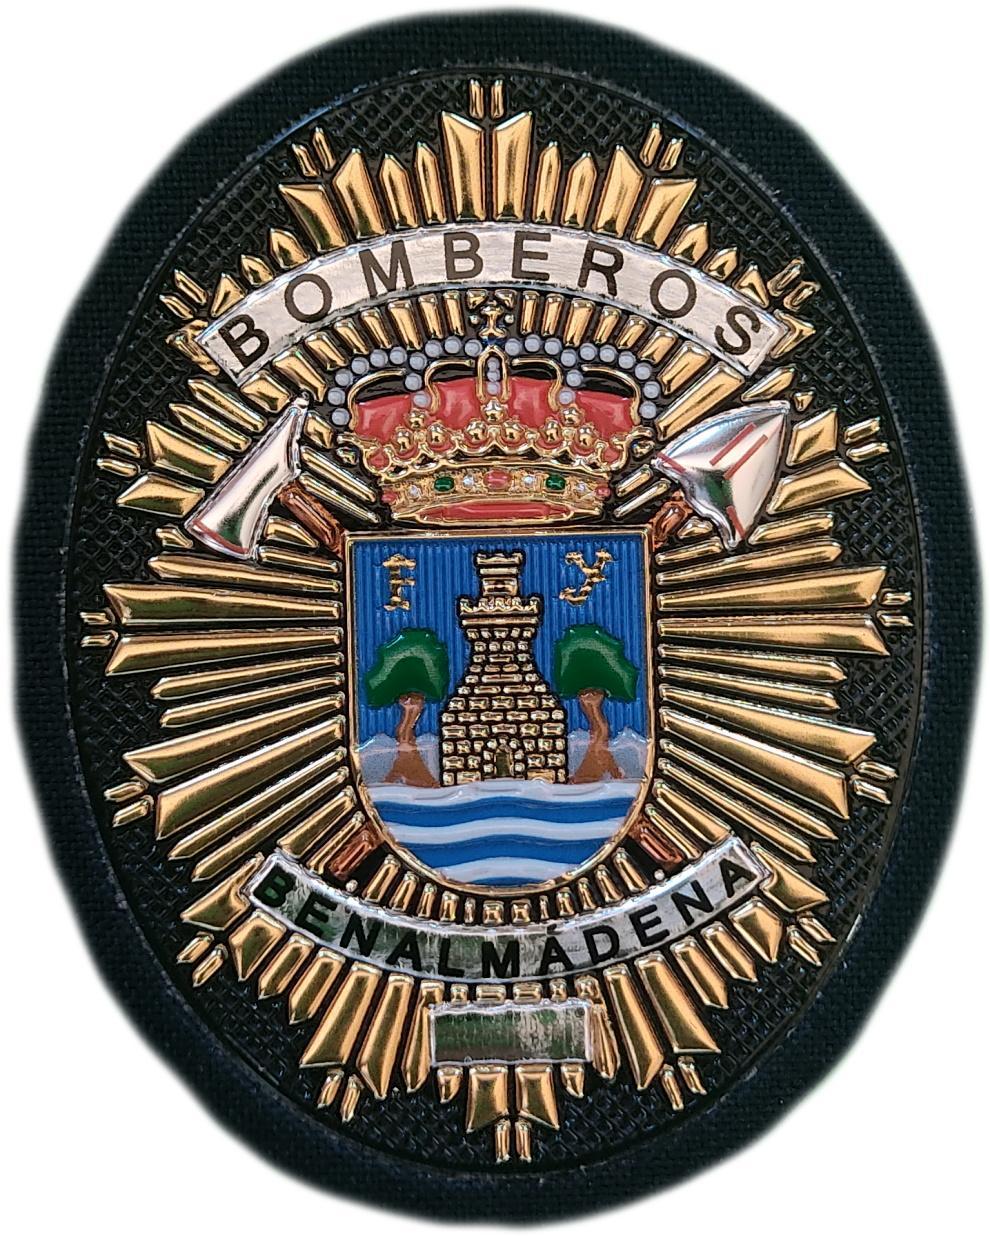 Bomberos de Benalmádena parche insignia emblema distintivo de pecho